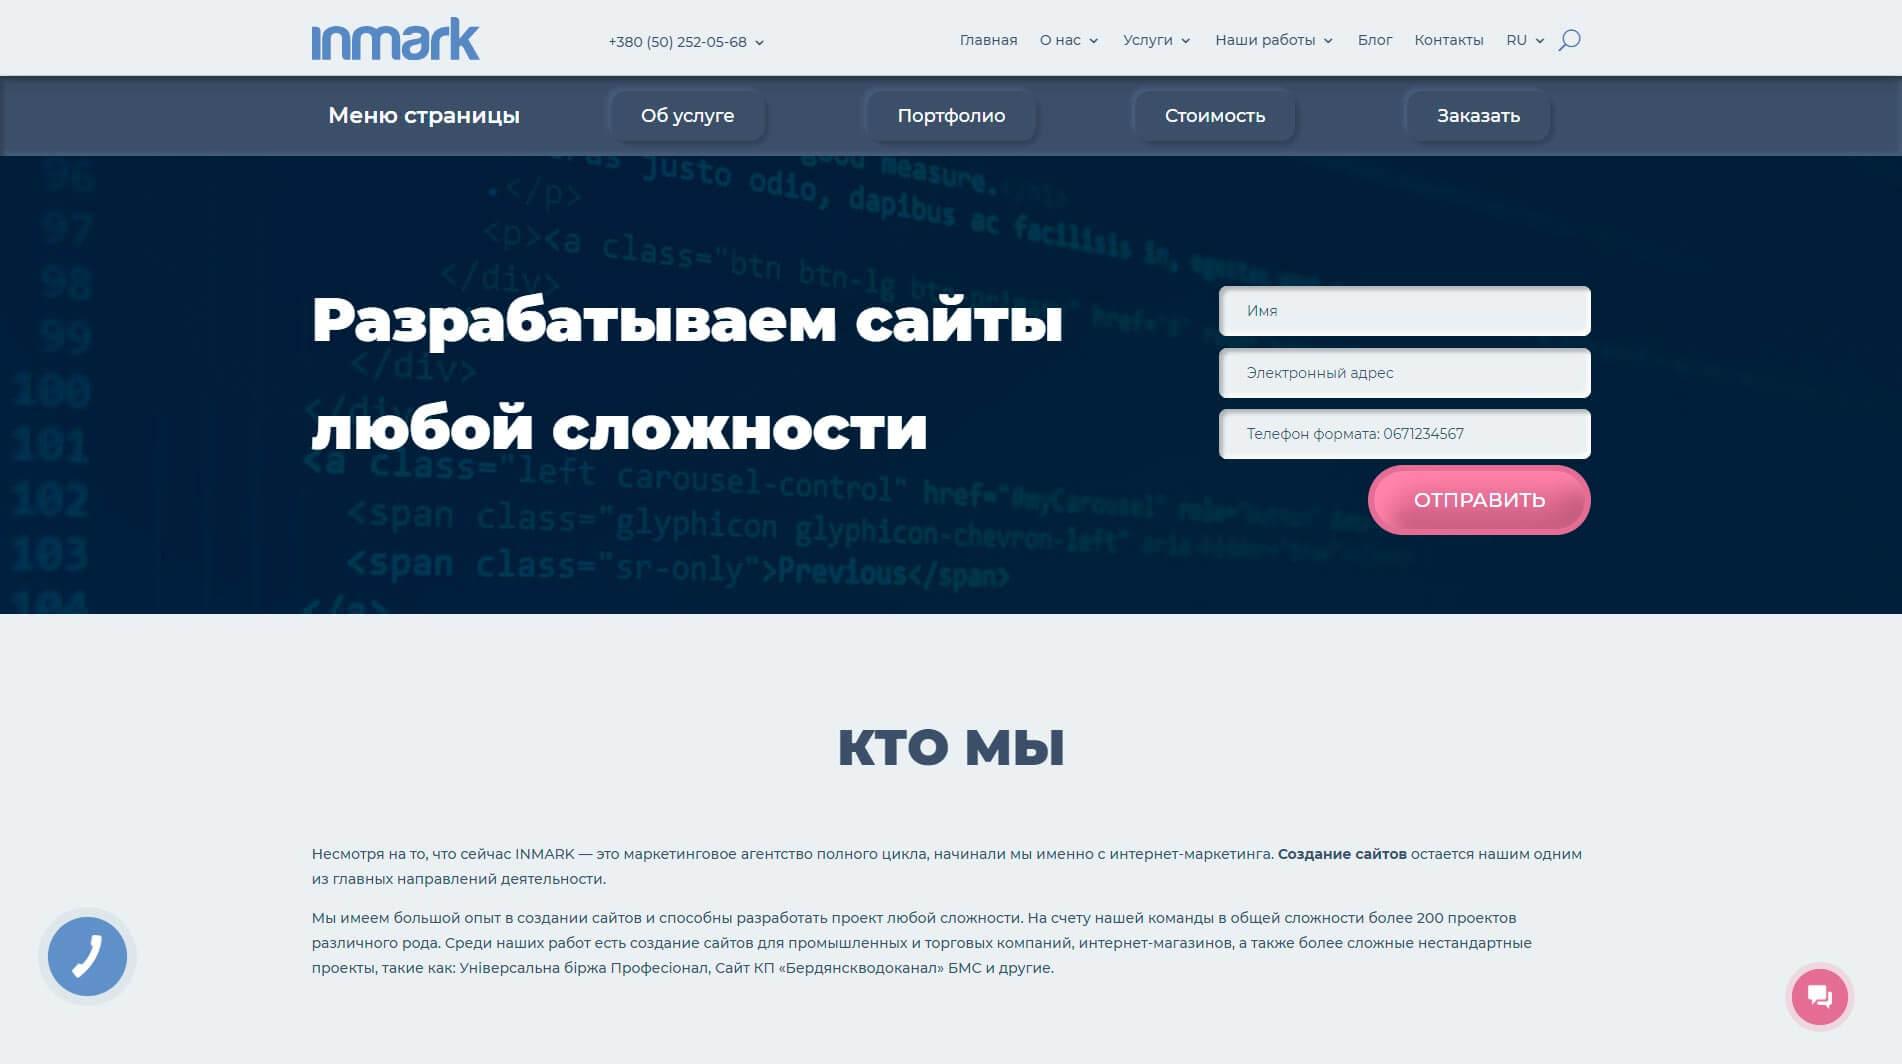 INMARK - обзор компании, услуги, отзывы, клиенты, Фото № 2 - google-seo.pro